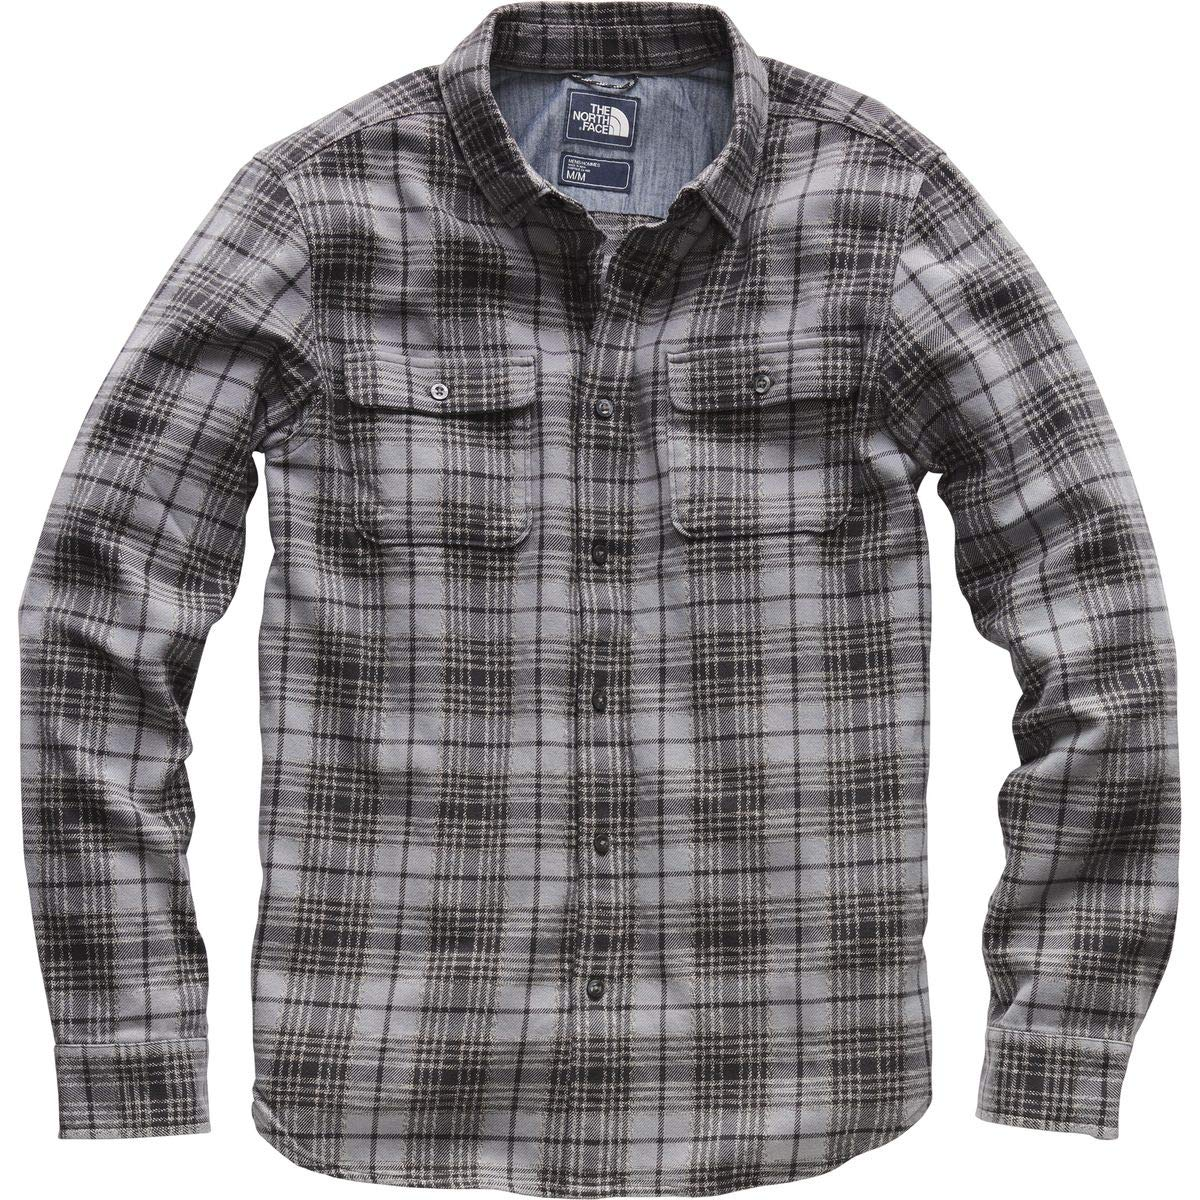 e9185828f The North Face Men's L/S Arroyo Flannel